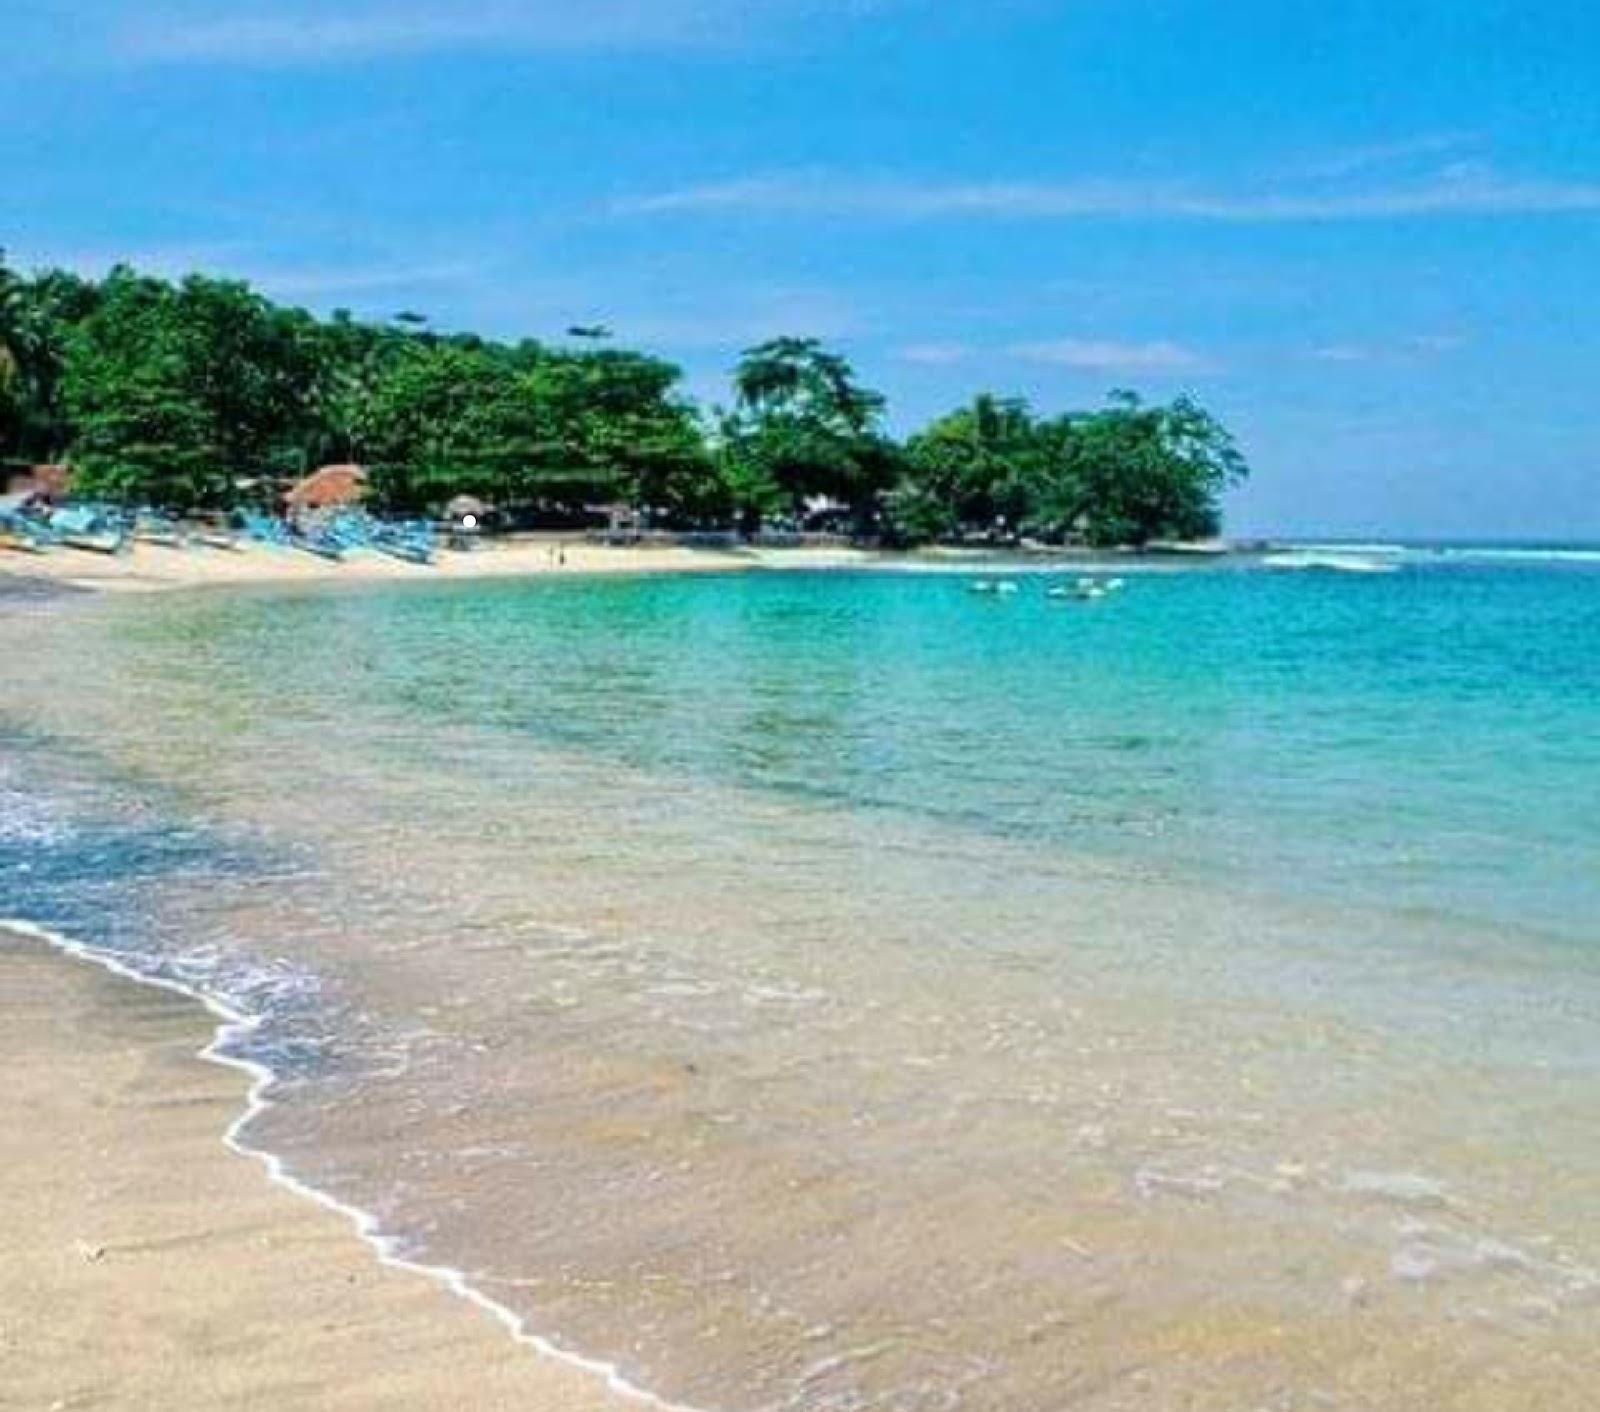 Pesona Pantai Sancang Garut, Sejarah Leuweung, Rute dan Lokasinya